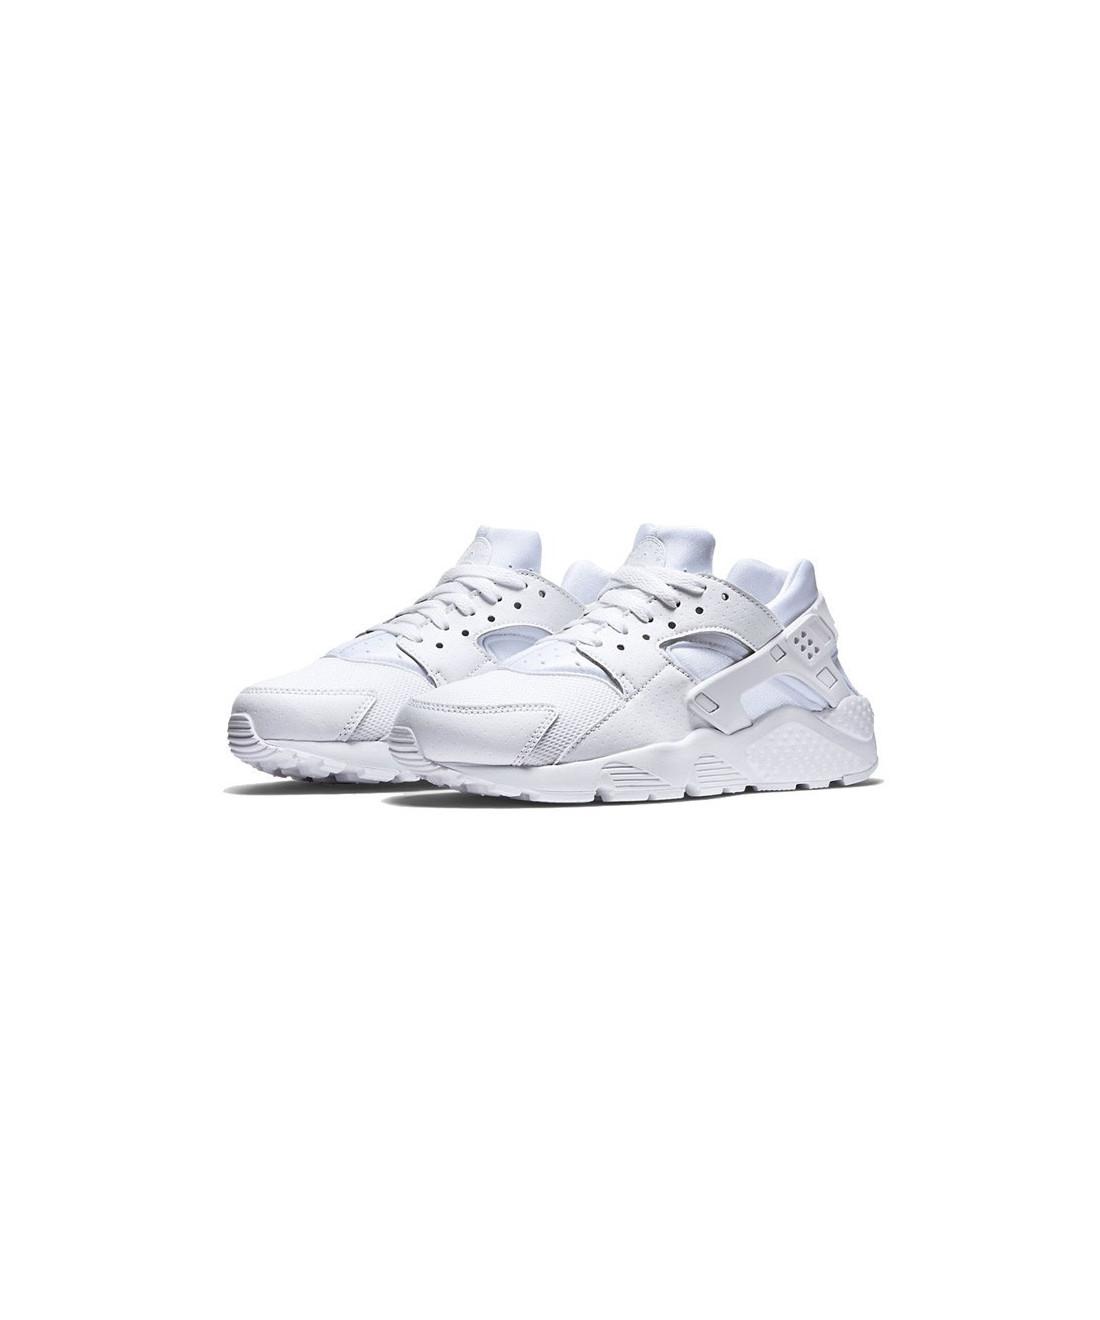 Nike Air Huarache 654275-115